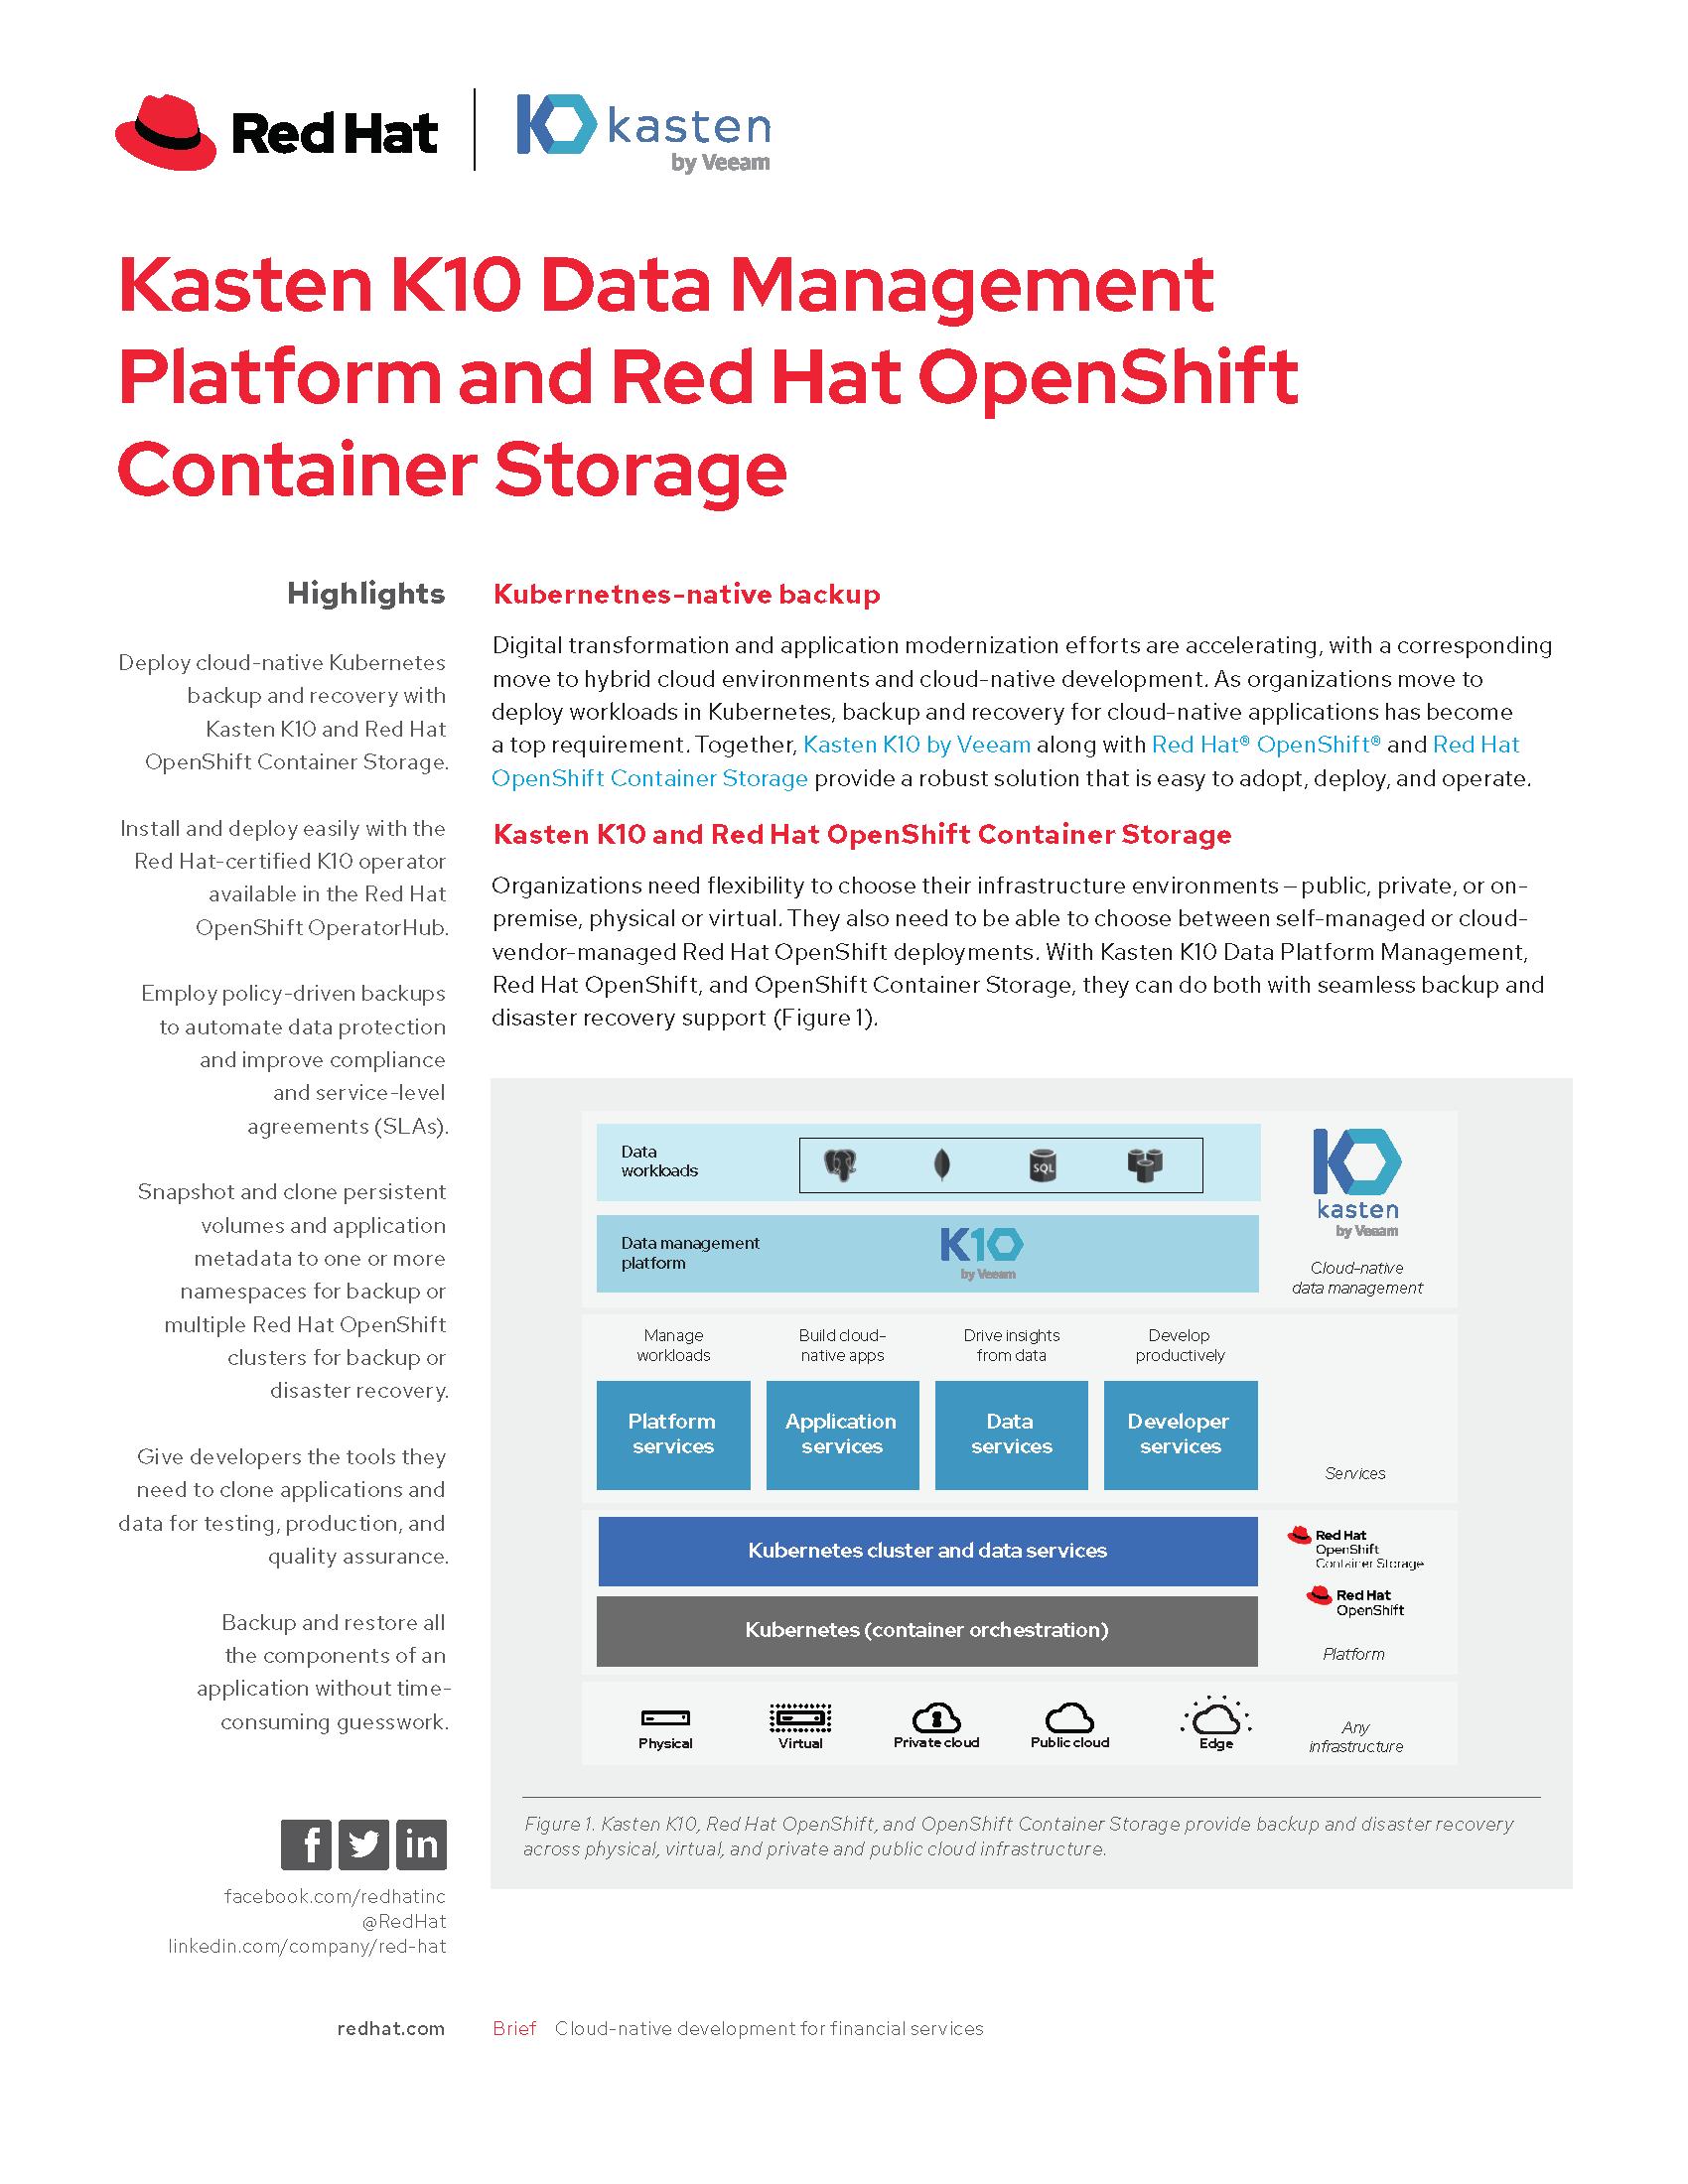 RedHat-Kasten-k10-soln-brief-K10-on-OpenShiftwithOCS_Page_1